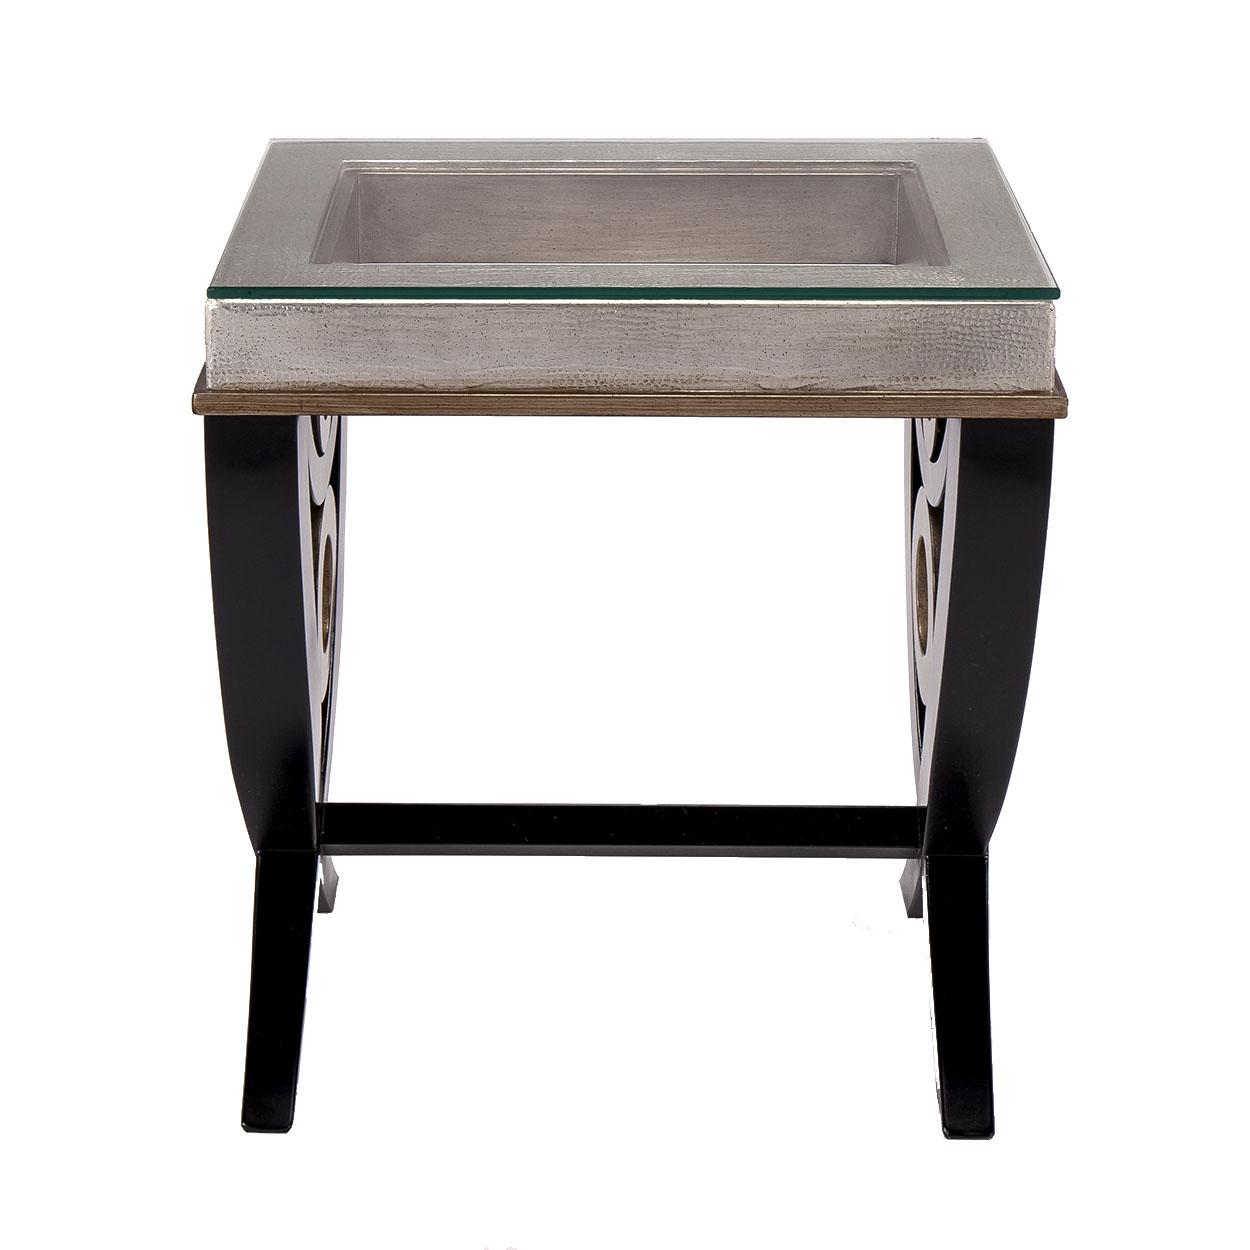 Купить Стол журнальный Tribbey в интернет магазине дизайнерской мебели и аксессуаров для дома и дачи